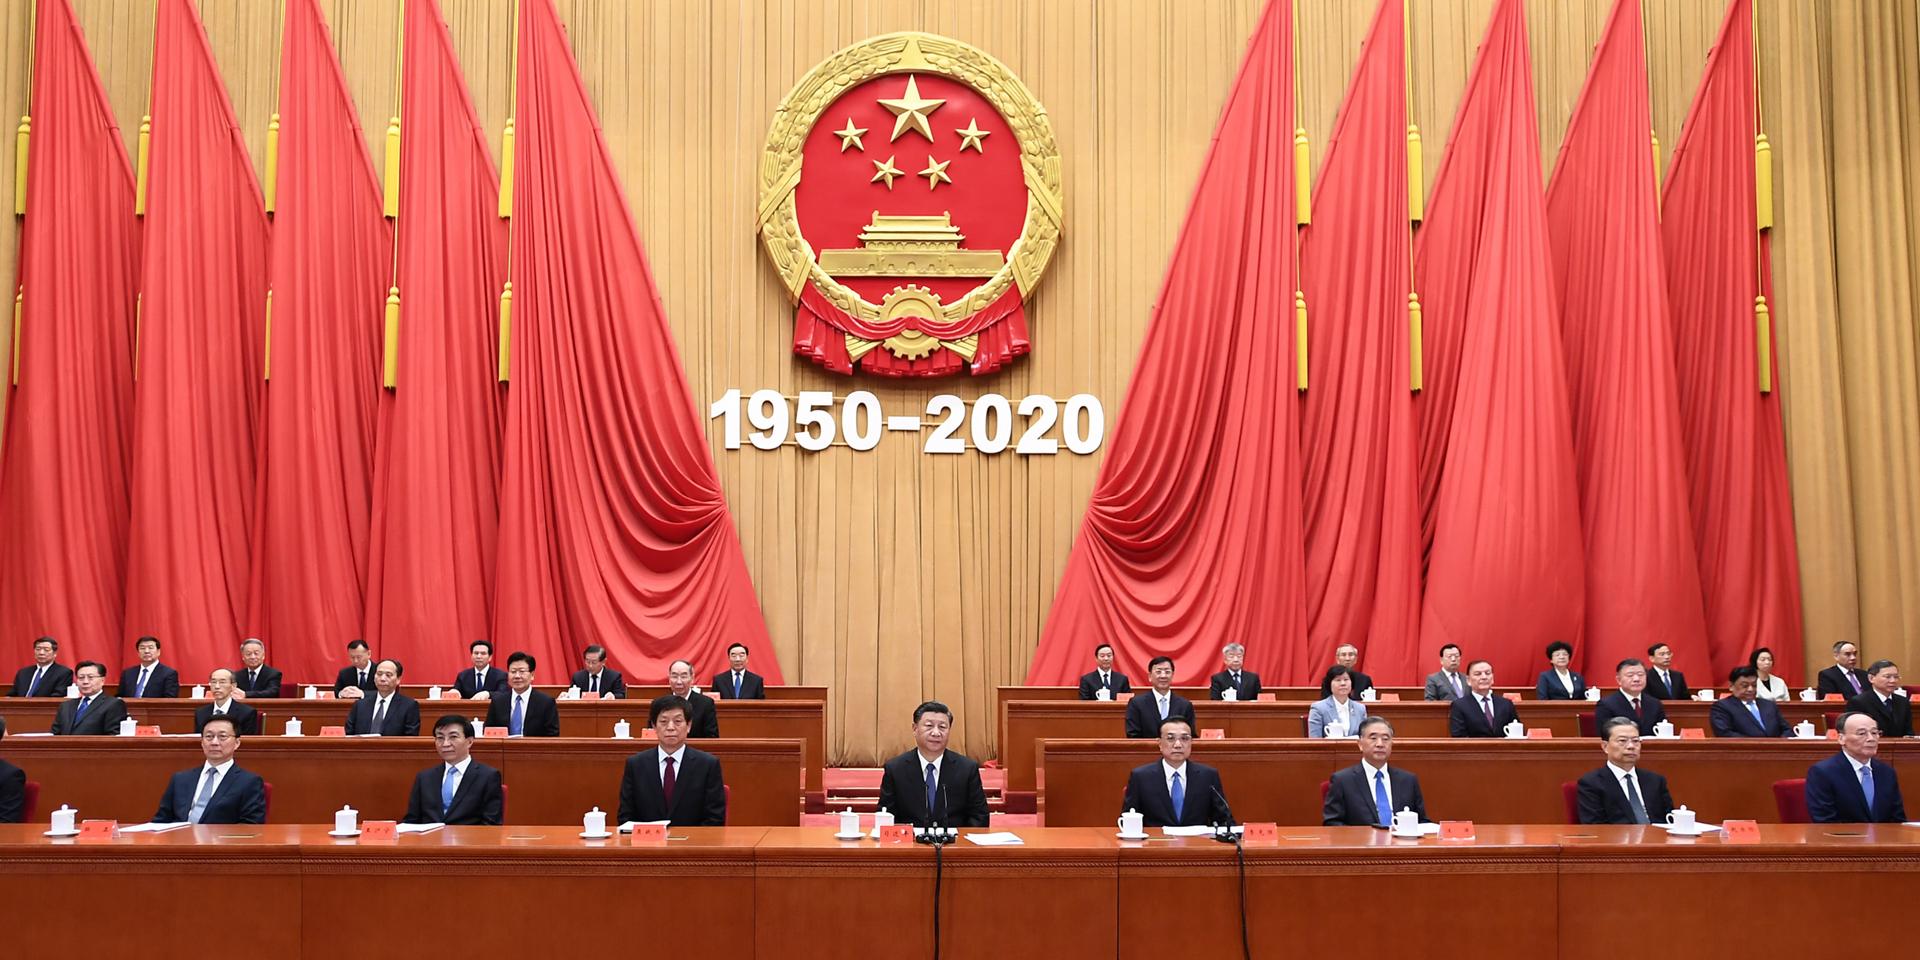 中华民族是吓不倒、压不垮的!